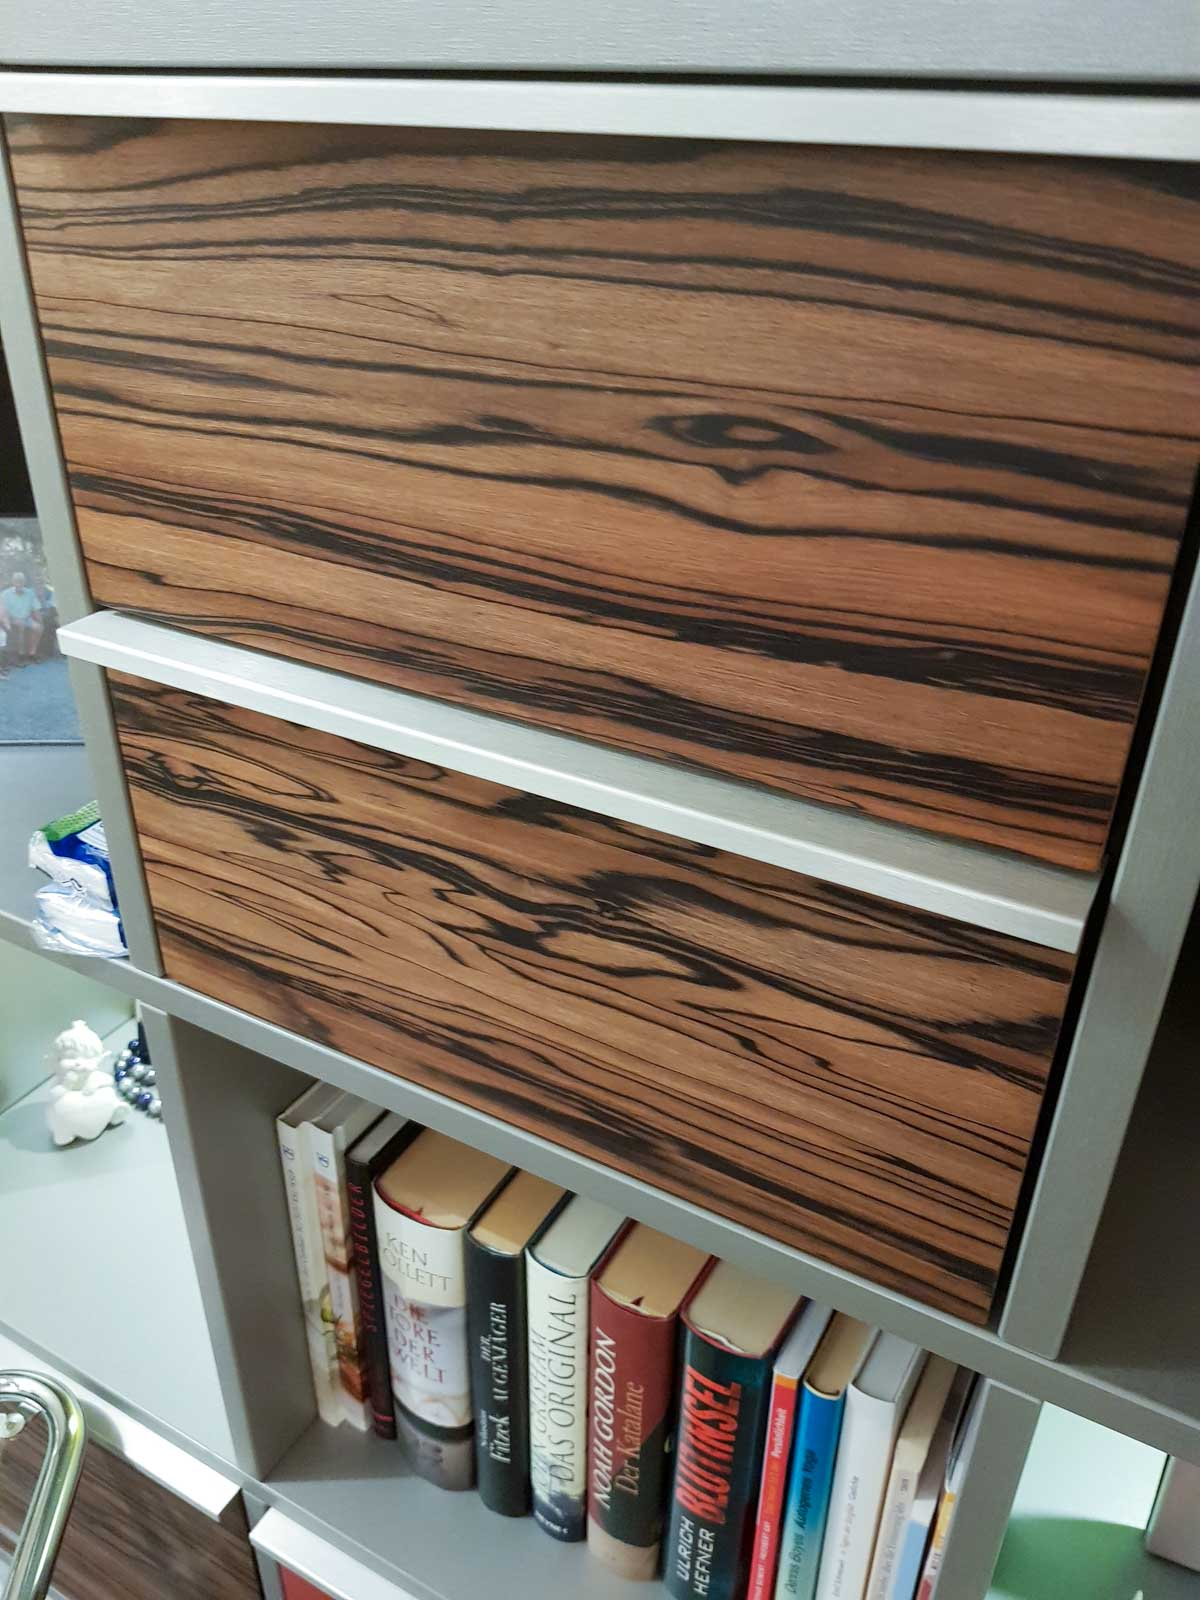 Wooddesign_Wohnzimmermöbel_Treppenform_fargig_Griffleisten_Weinkühler_Fernsehmöbel (3)